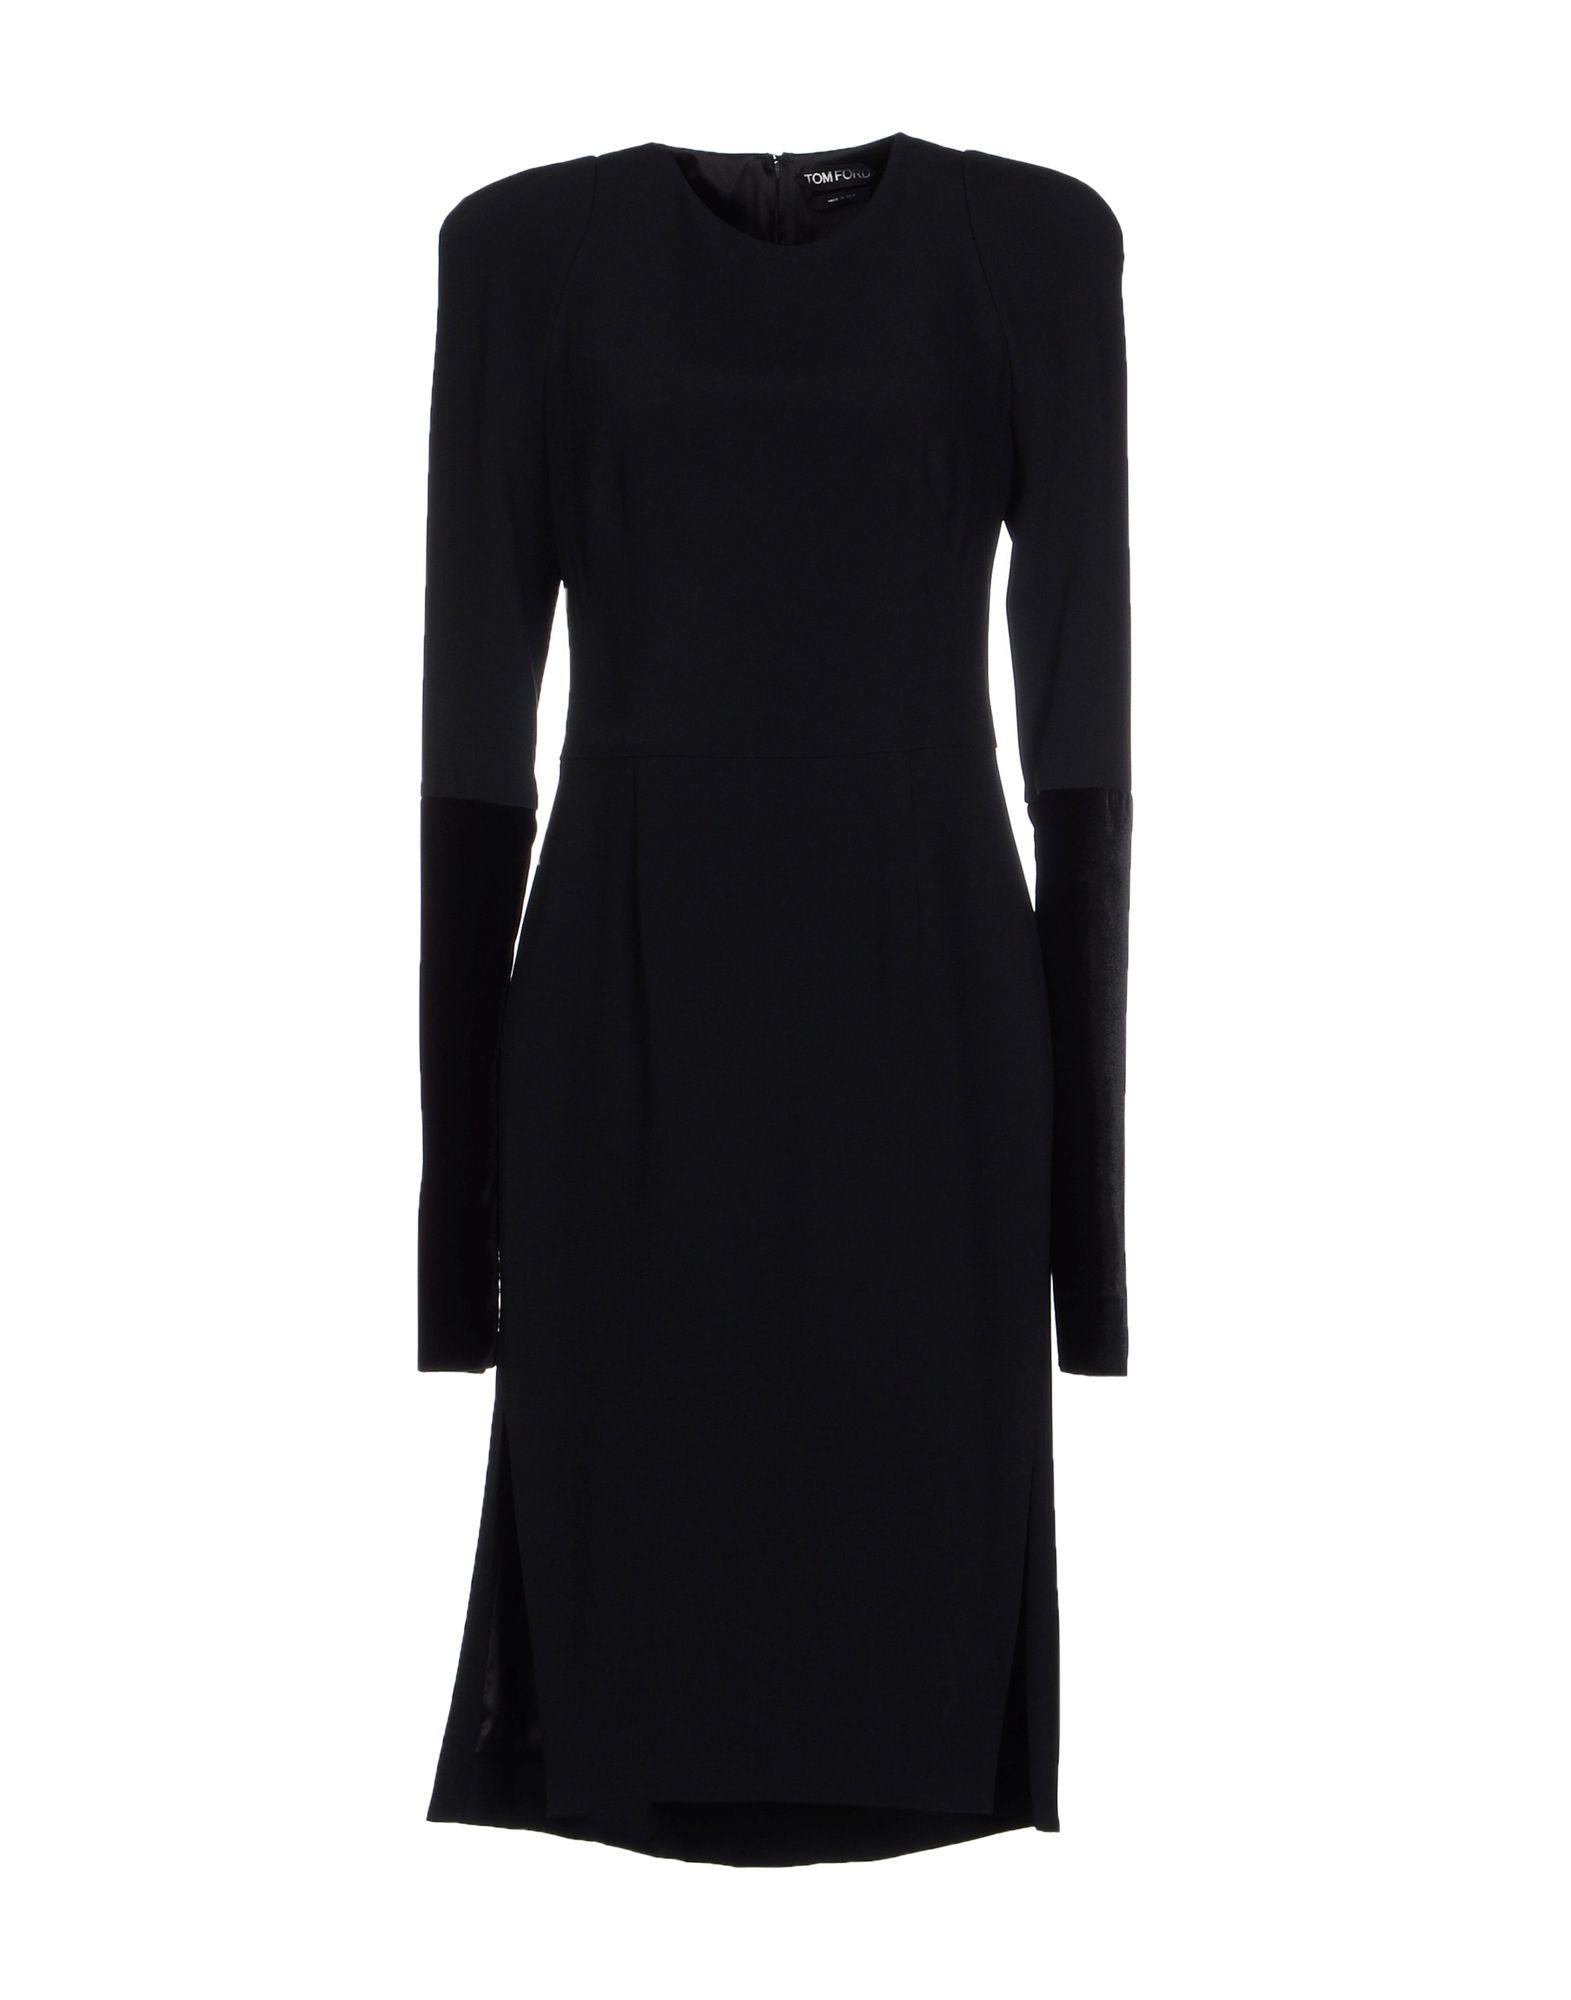 Tom ford knee length dress in black lyst